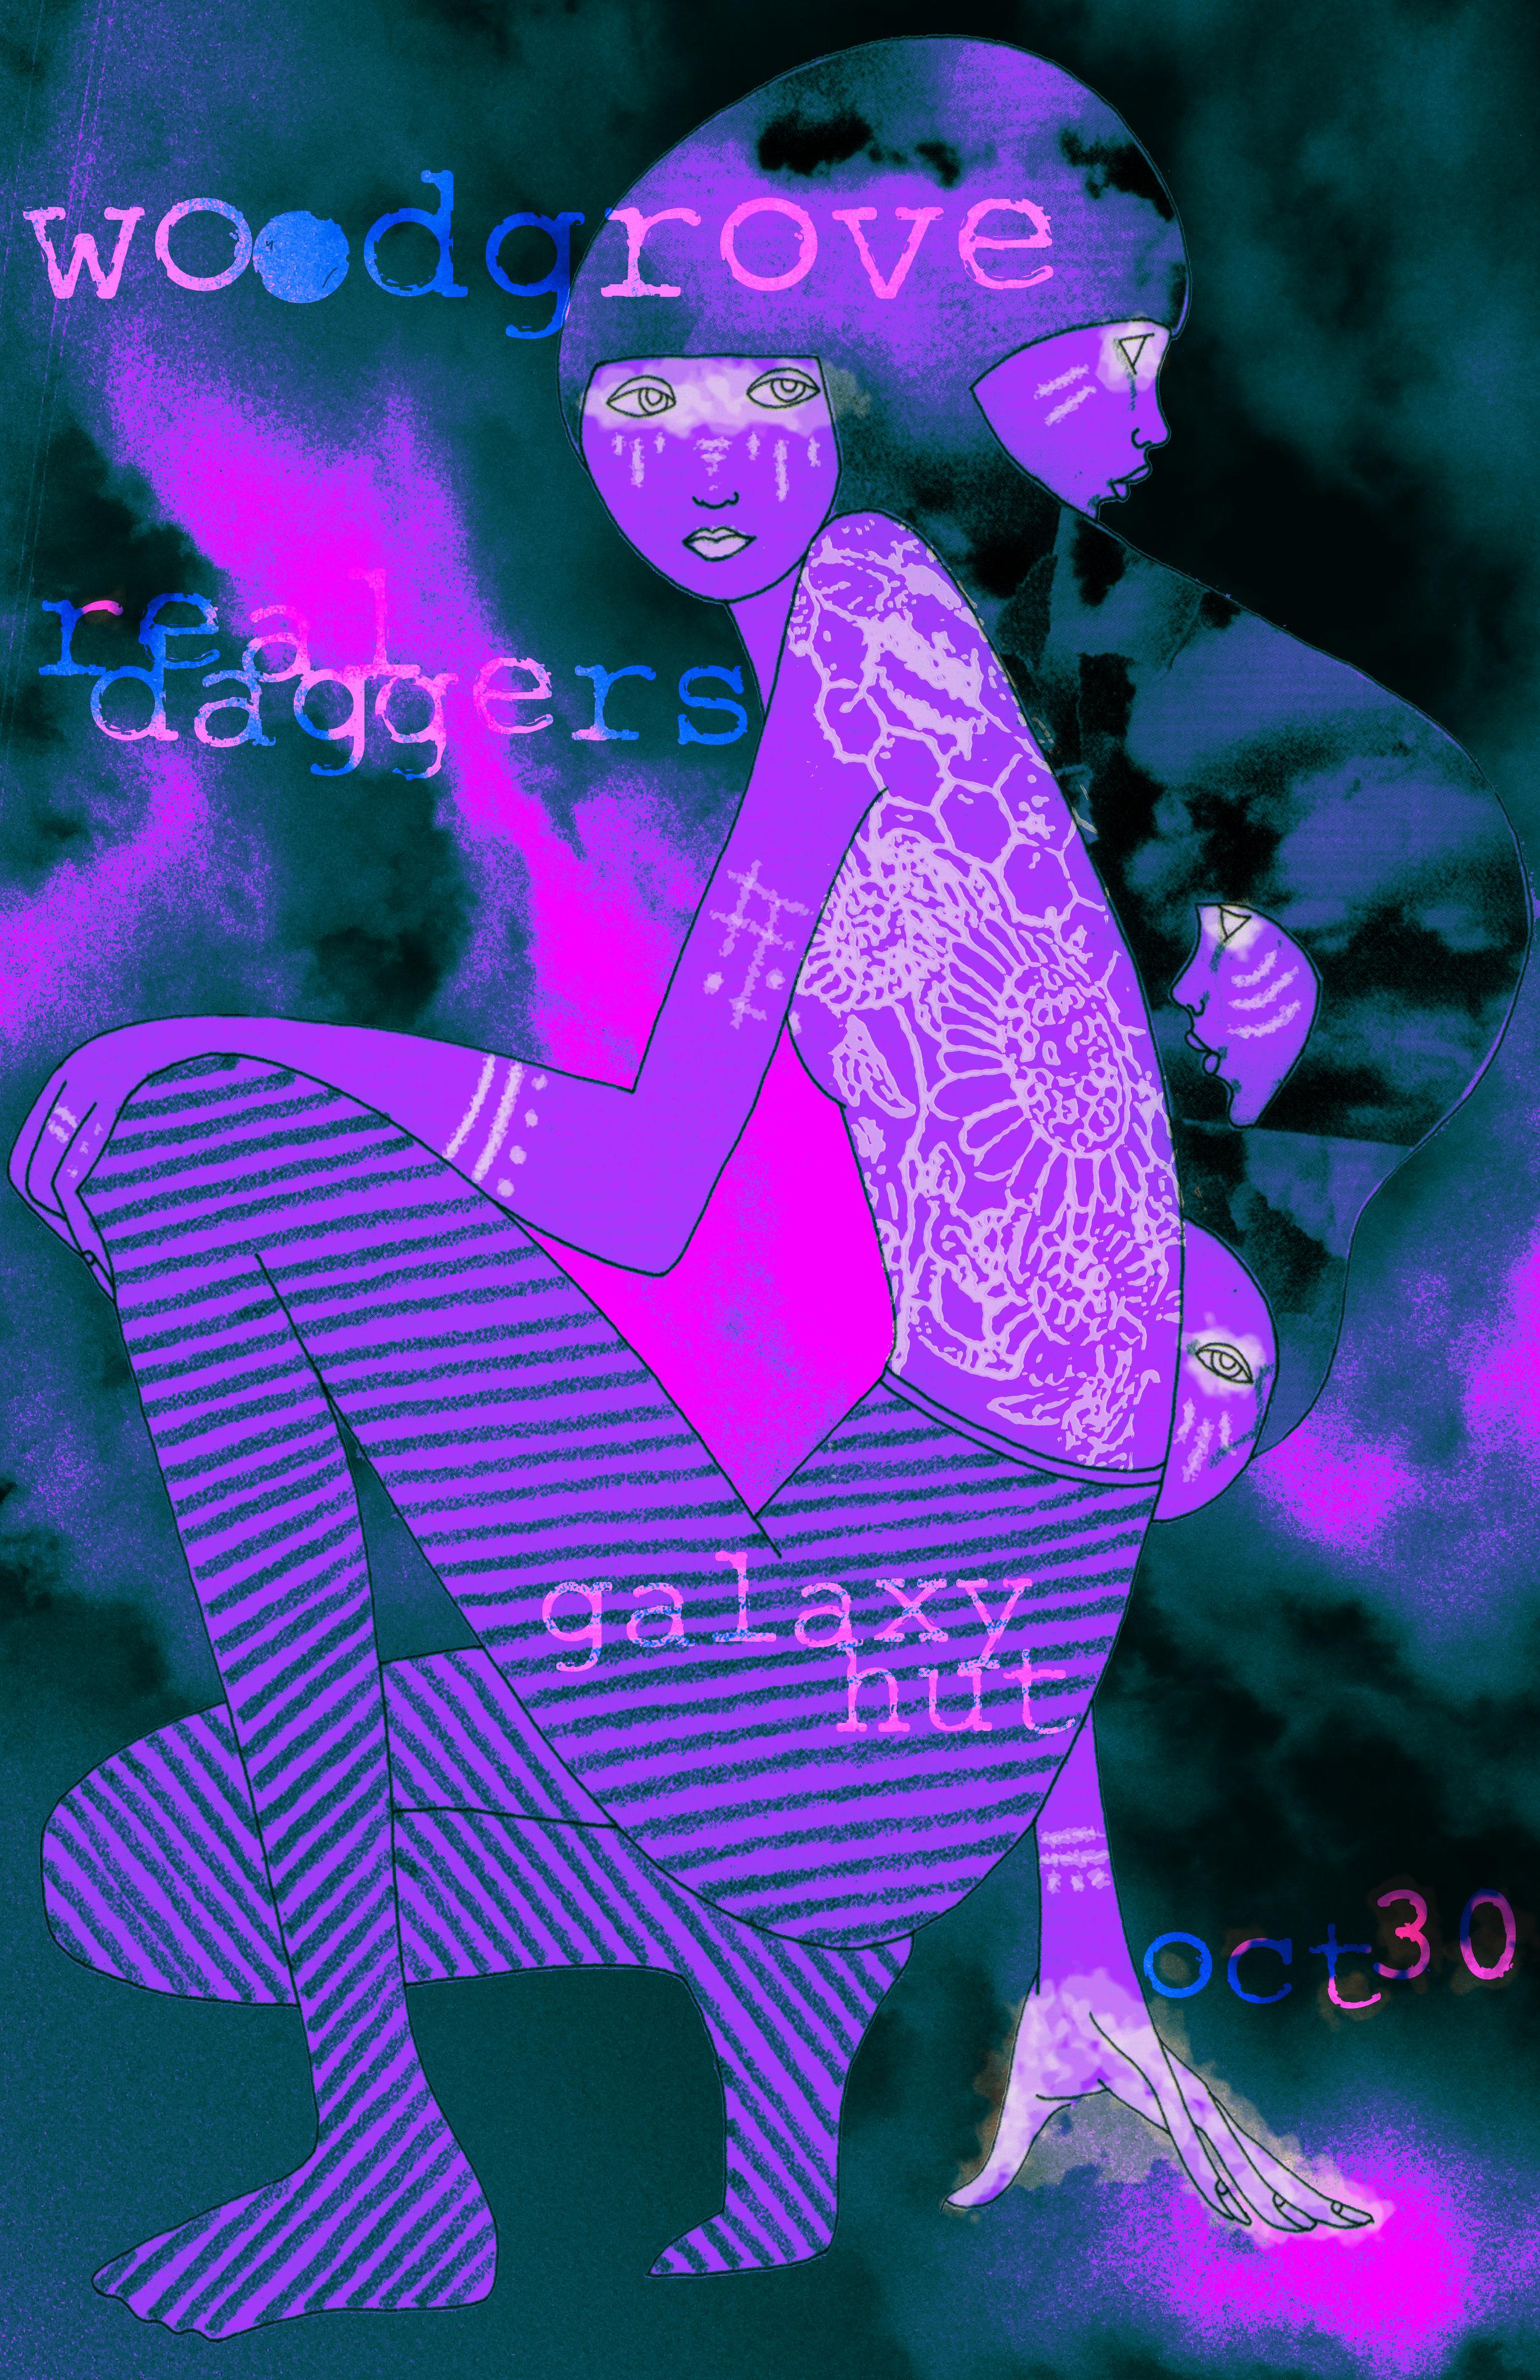 Galaxy Hut - October 30.jpg